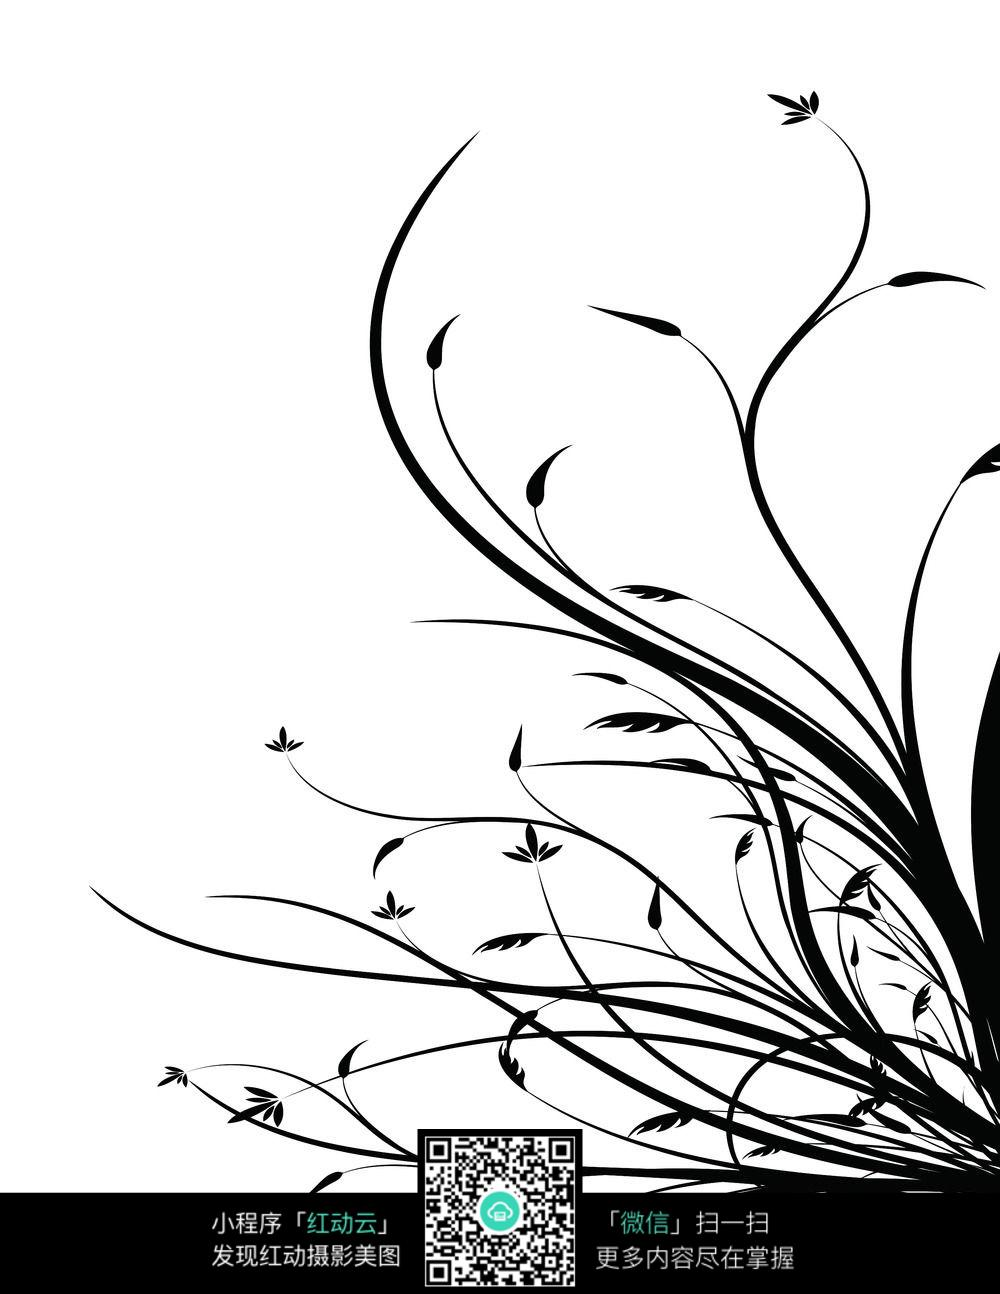 黑白背景图